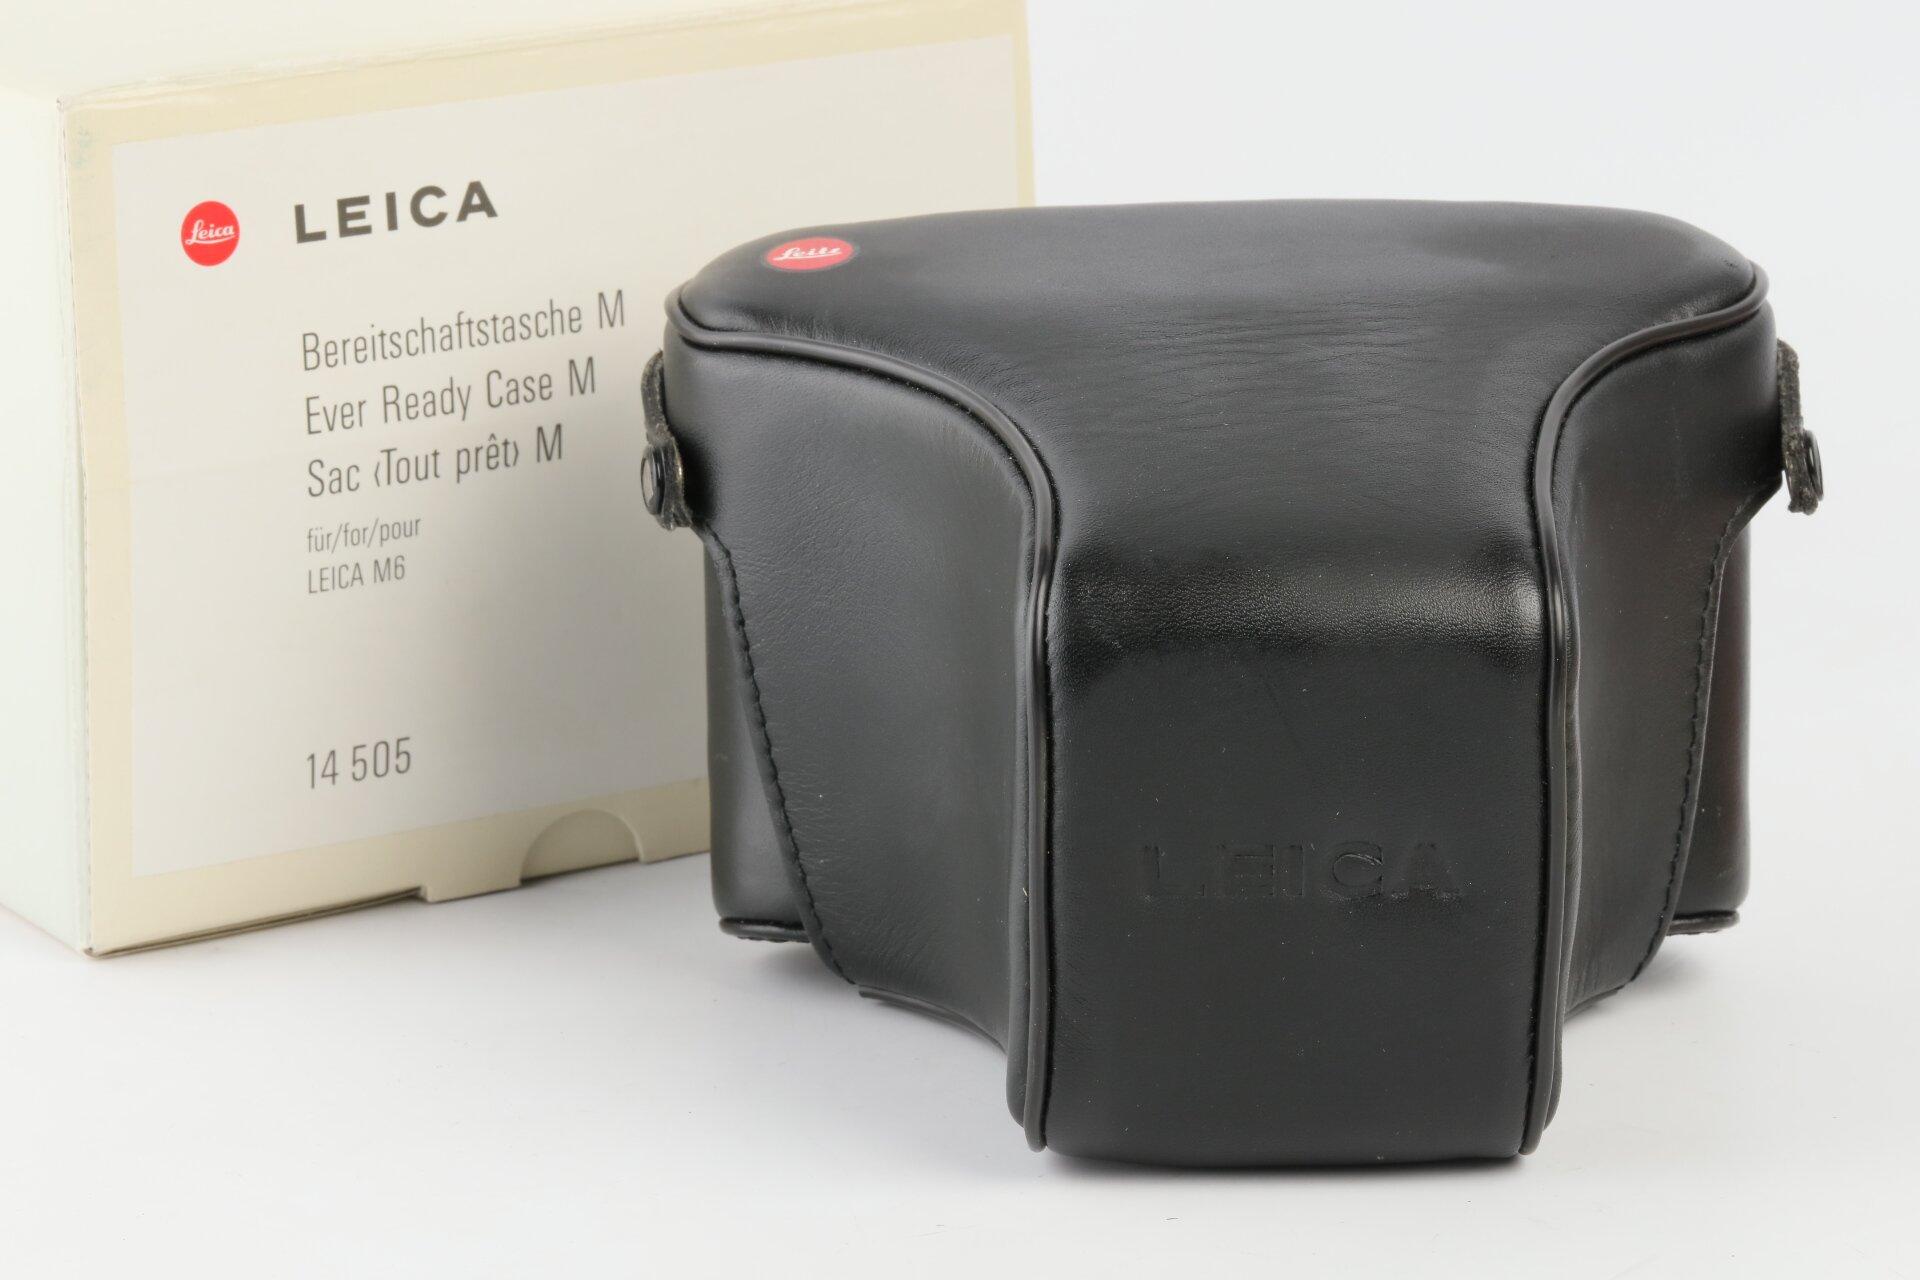 Leica Bereitschaftstasche M 14505 für Leica M6